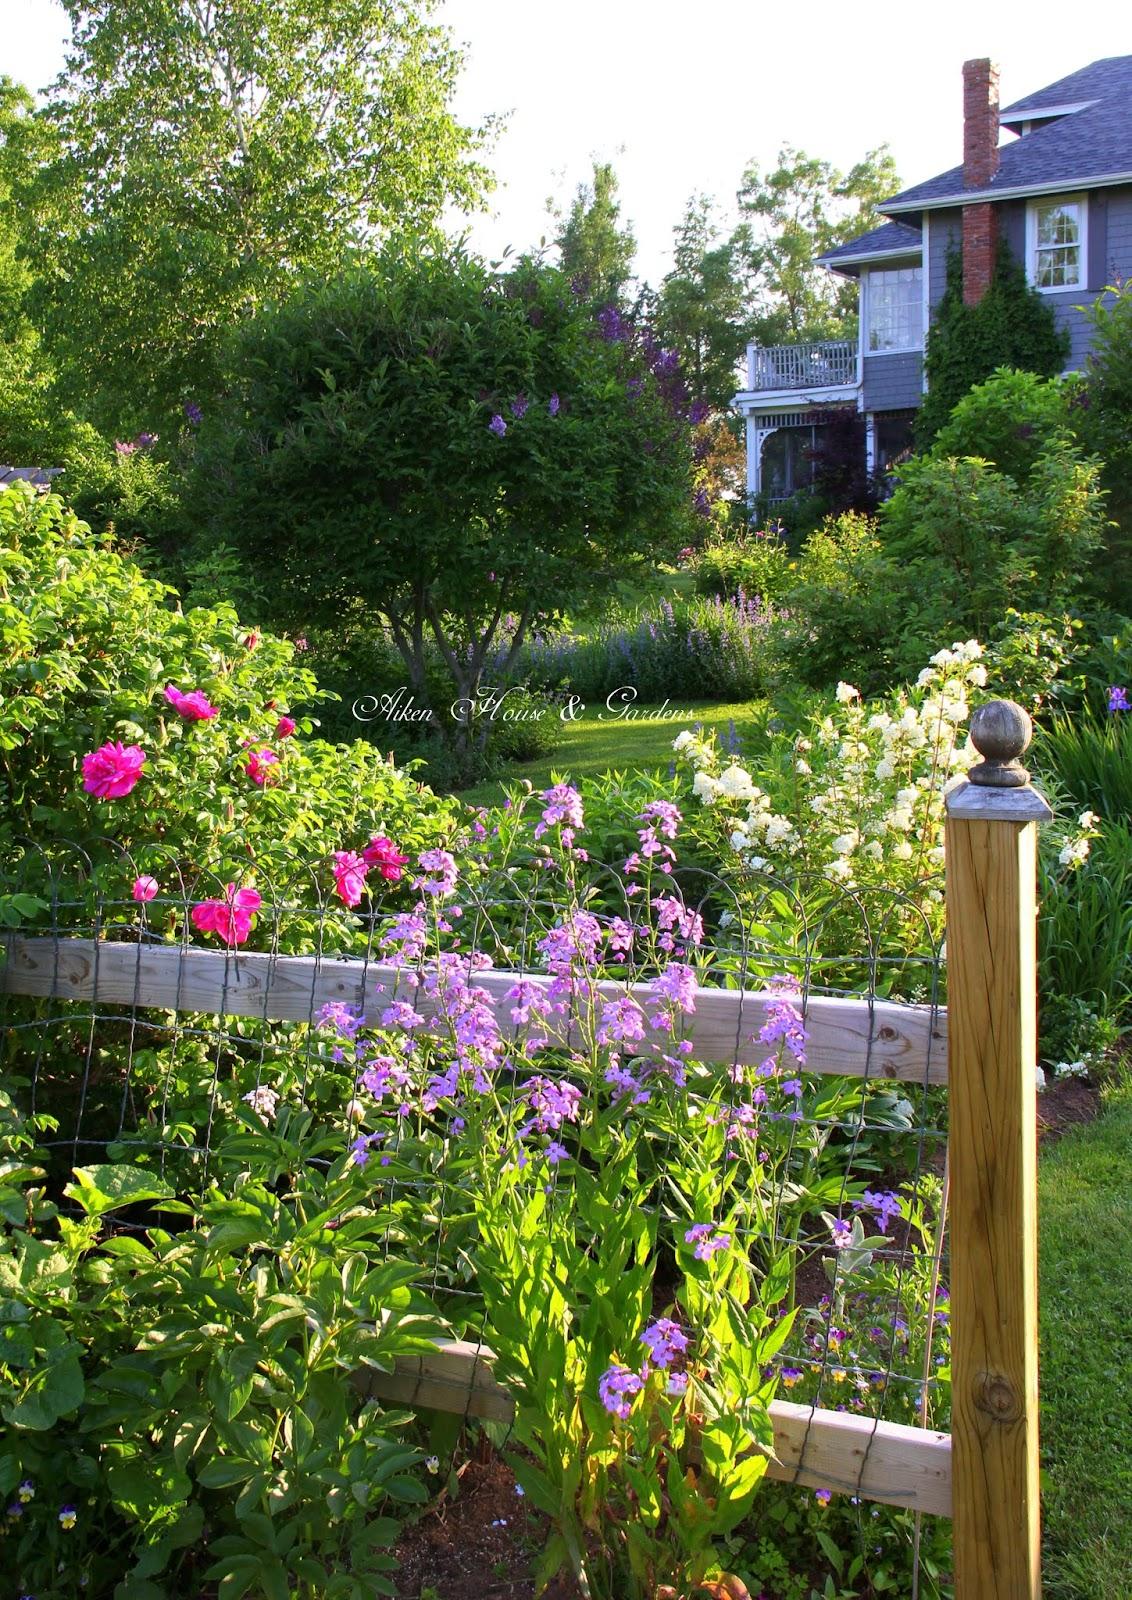 Aiken house gardens sunday garden tour for Aiken house